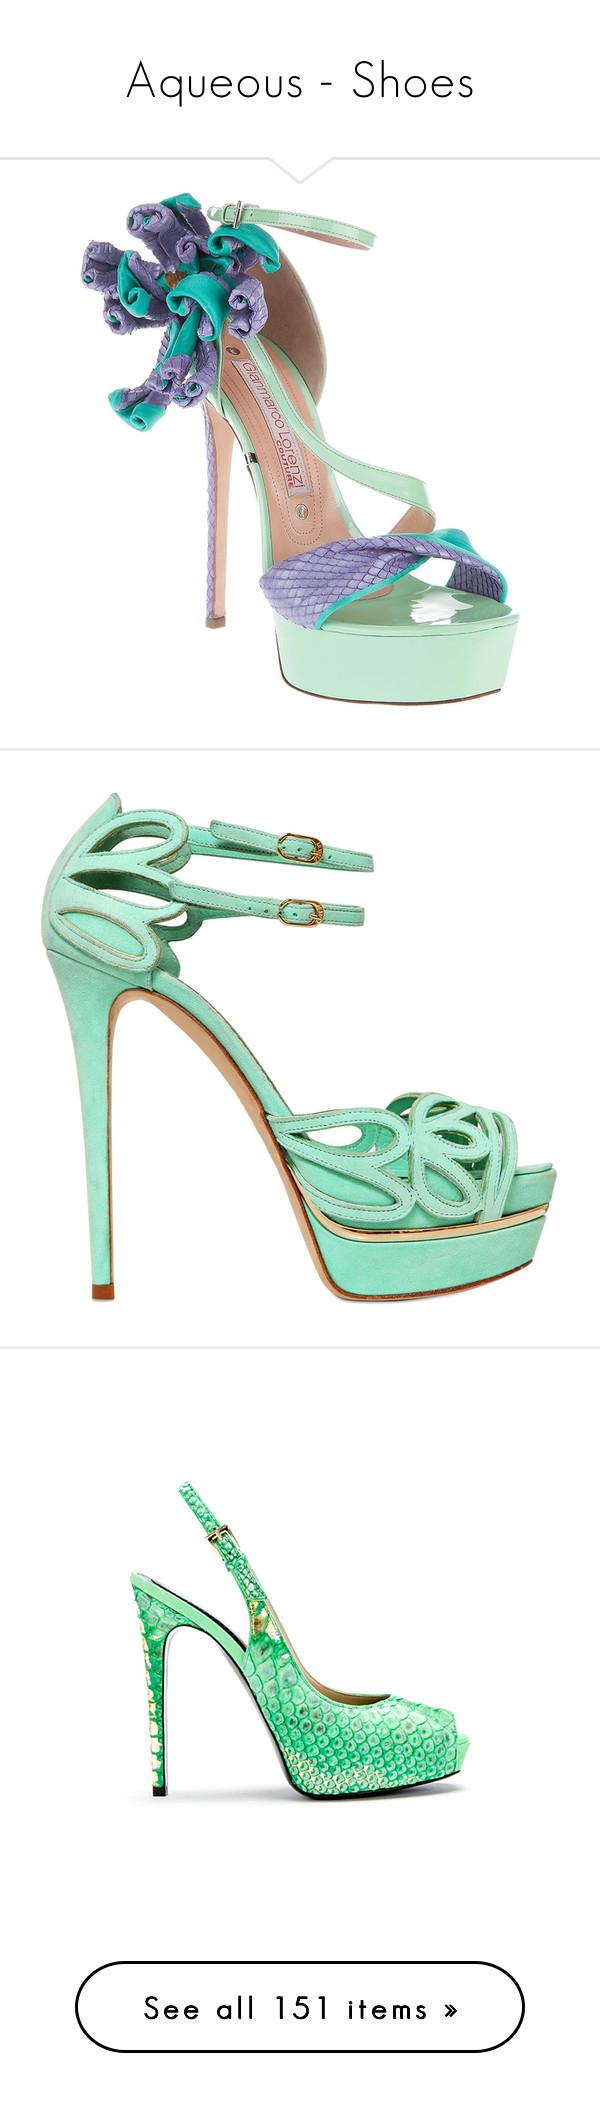 029e9d686c12 Aqueous - Shoes